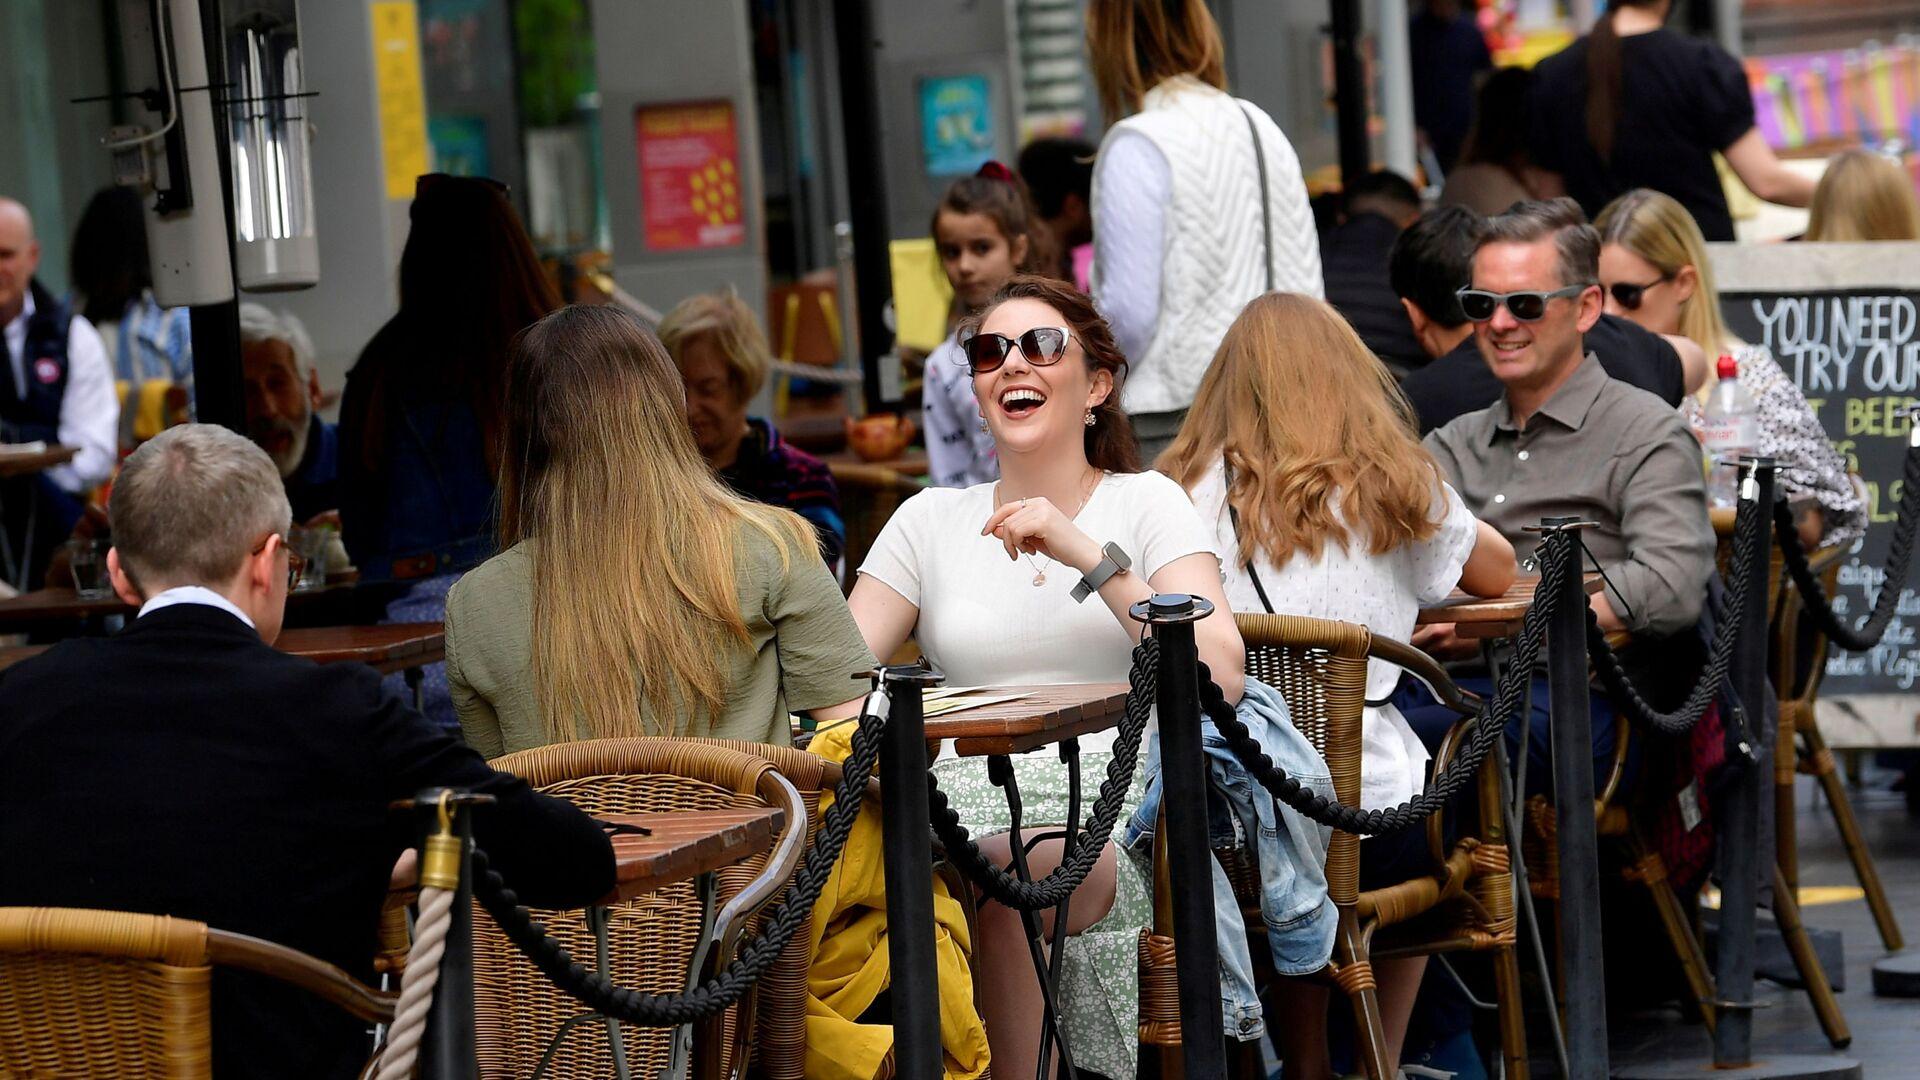 Посетители кафе на улице South Bank в Лондоне, Великобритания - Sputnik Polska, 1920, 30.06.2021